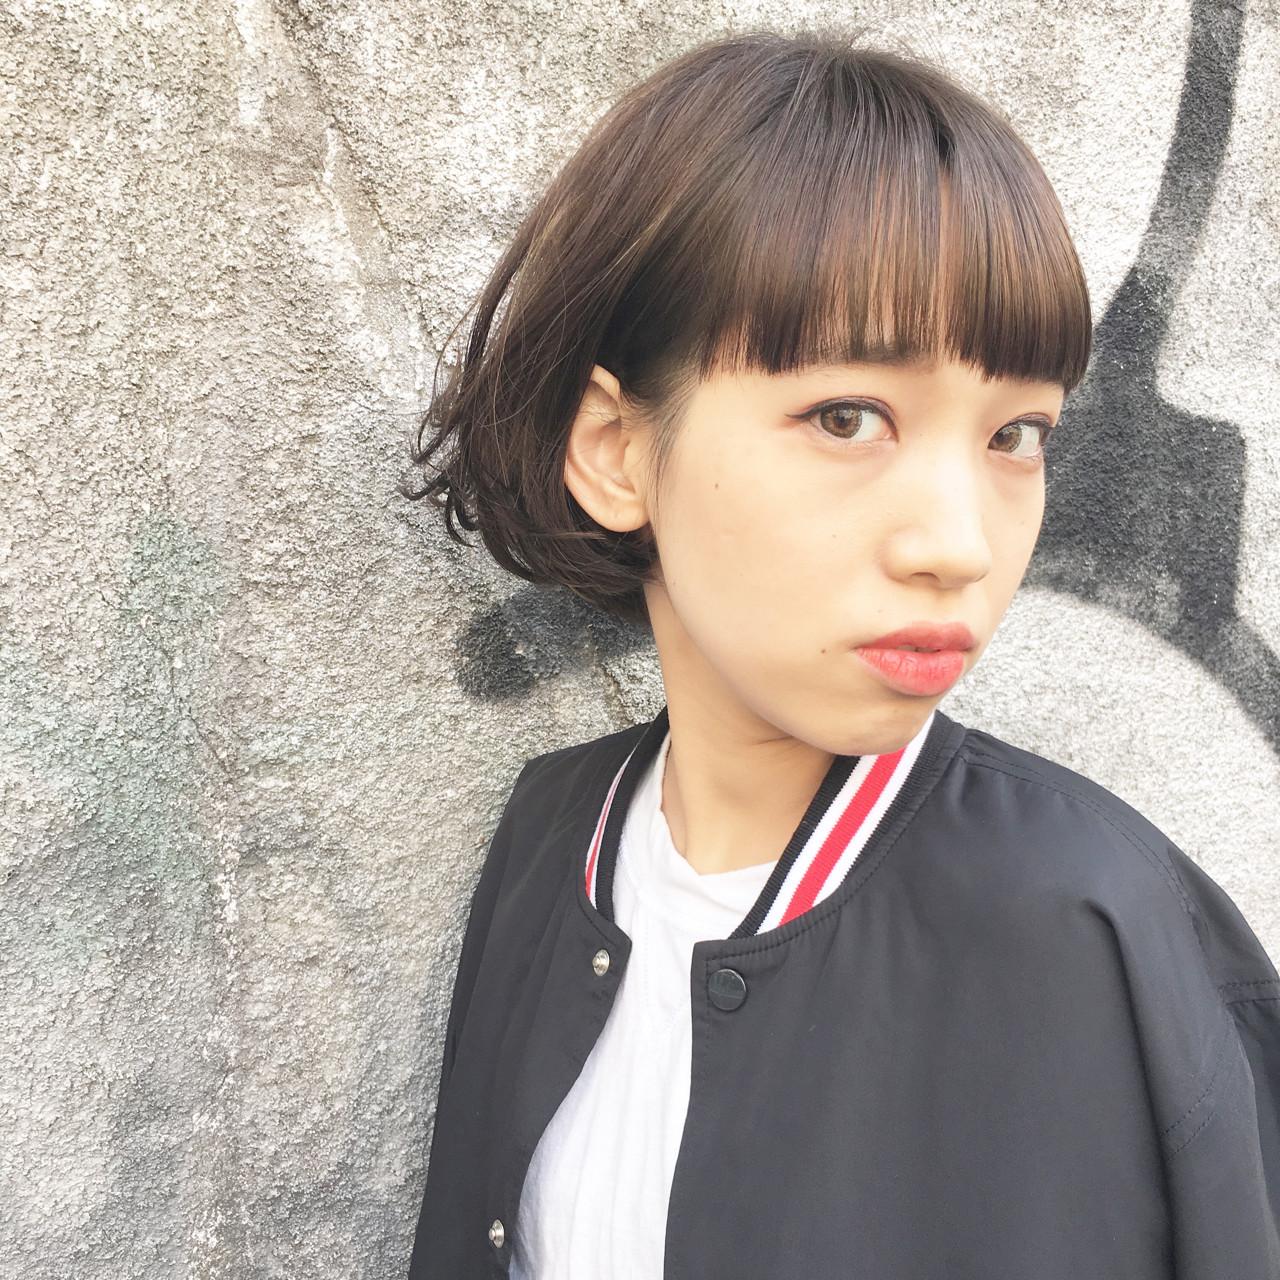 顔小さいね♡って言われたい!小顔効果のある髪型まとめ 永井 美菜子 bibito